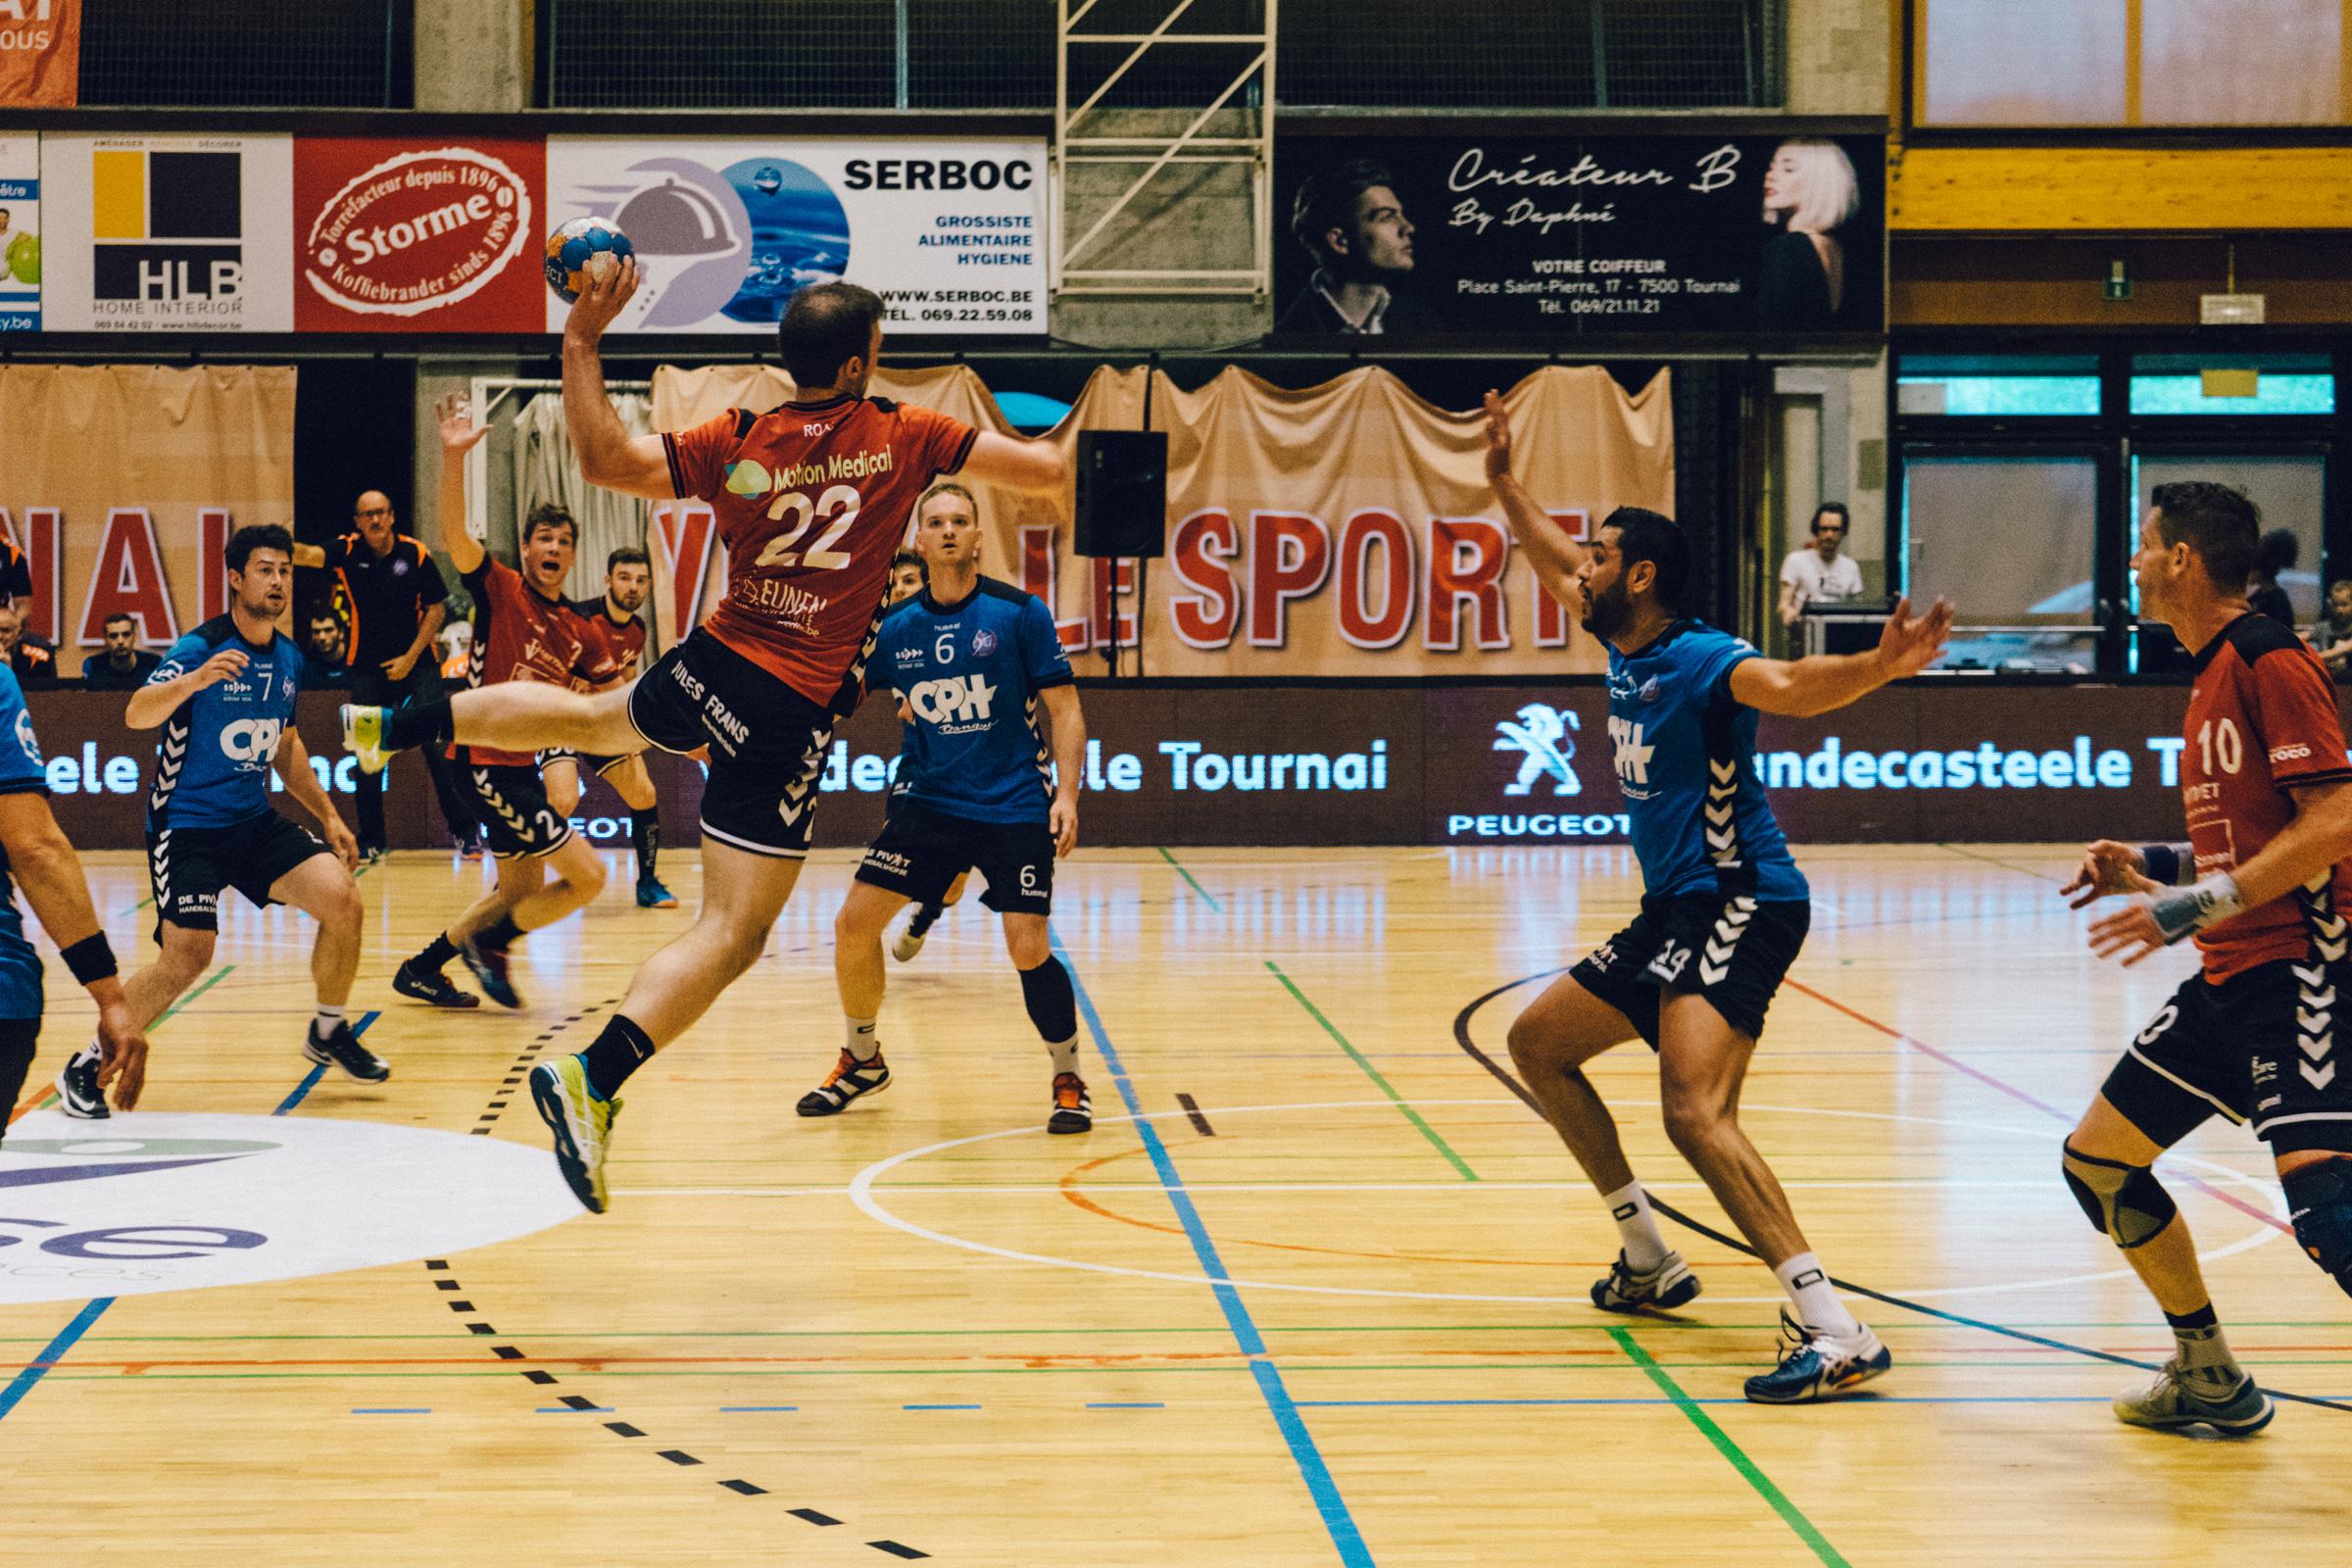 Match de l'Estudiantes Handball Club de Tournai